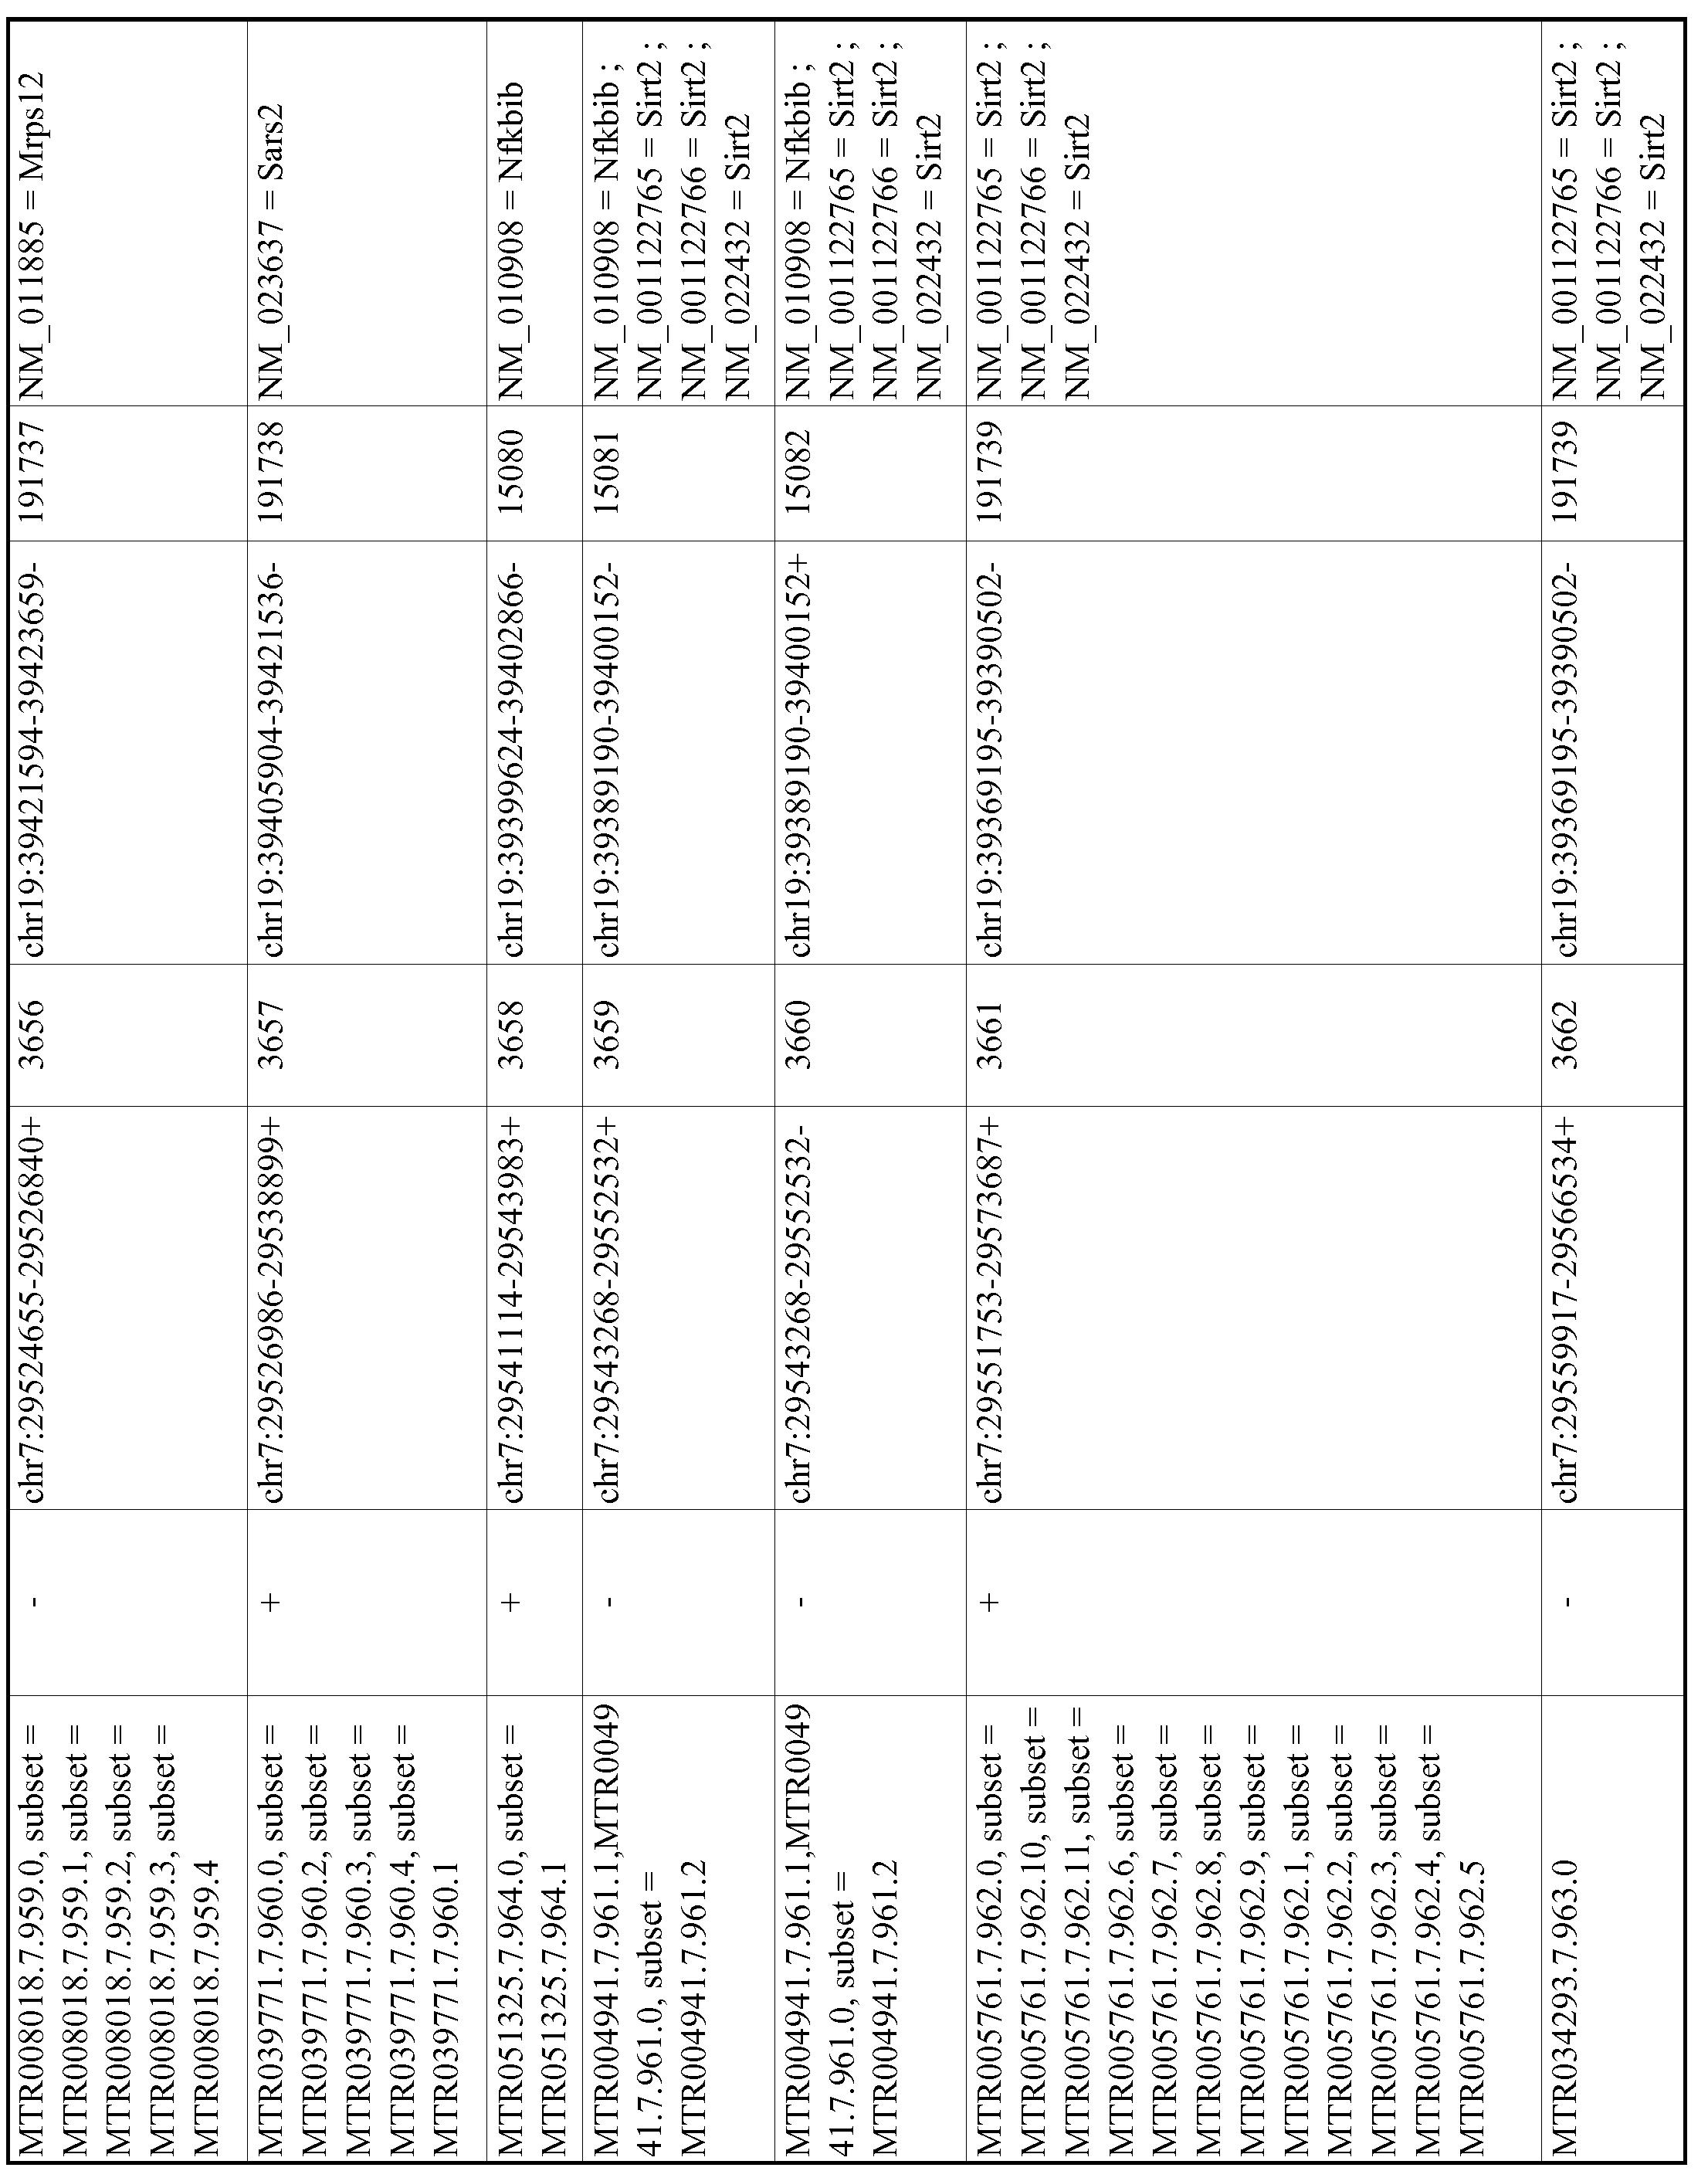 Figure imgf000706_0001